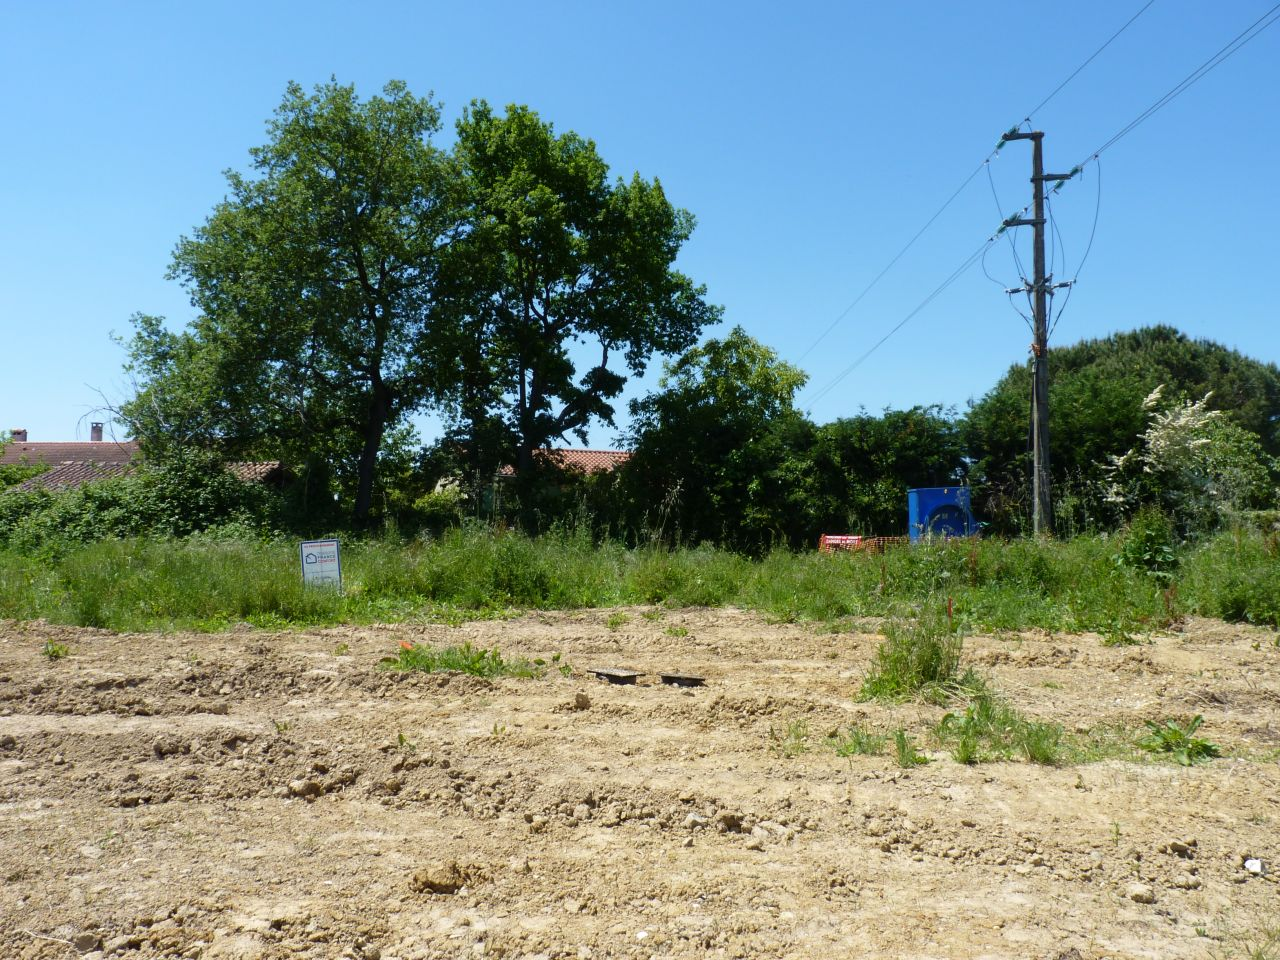 Sur cette photo, à gauche là ou sera ma maison (mon garage sera à peu près au niveau du panneau). Le grand box EDF sera la limite séparative avec mon voisin du lot 17. La ligne électrique juste au dessus sera enterrée et la bande de terre sera une servitude EDF appartenant à mon voisin du 17.